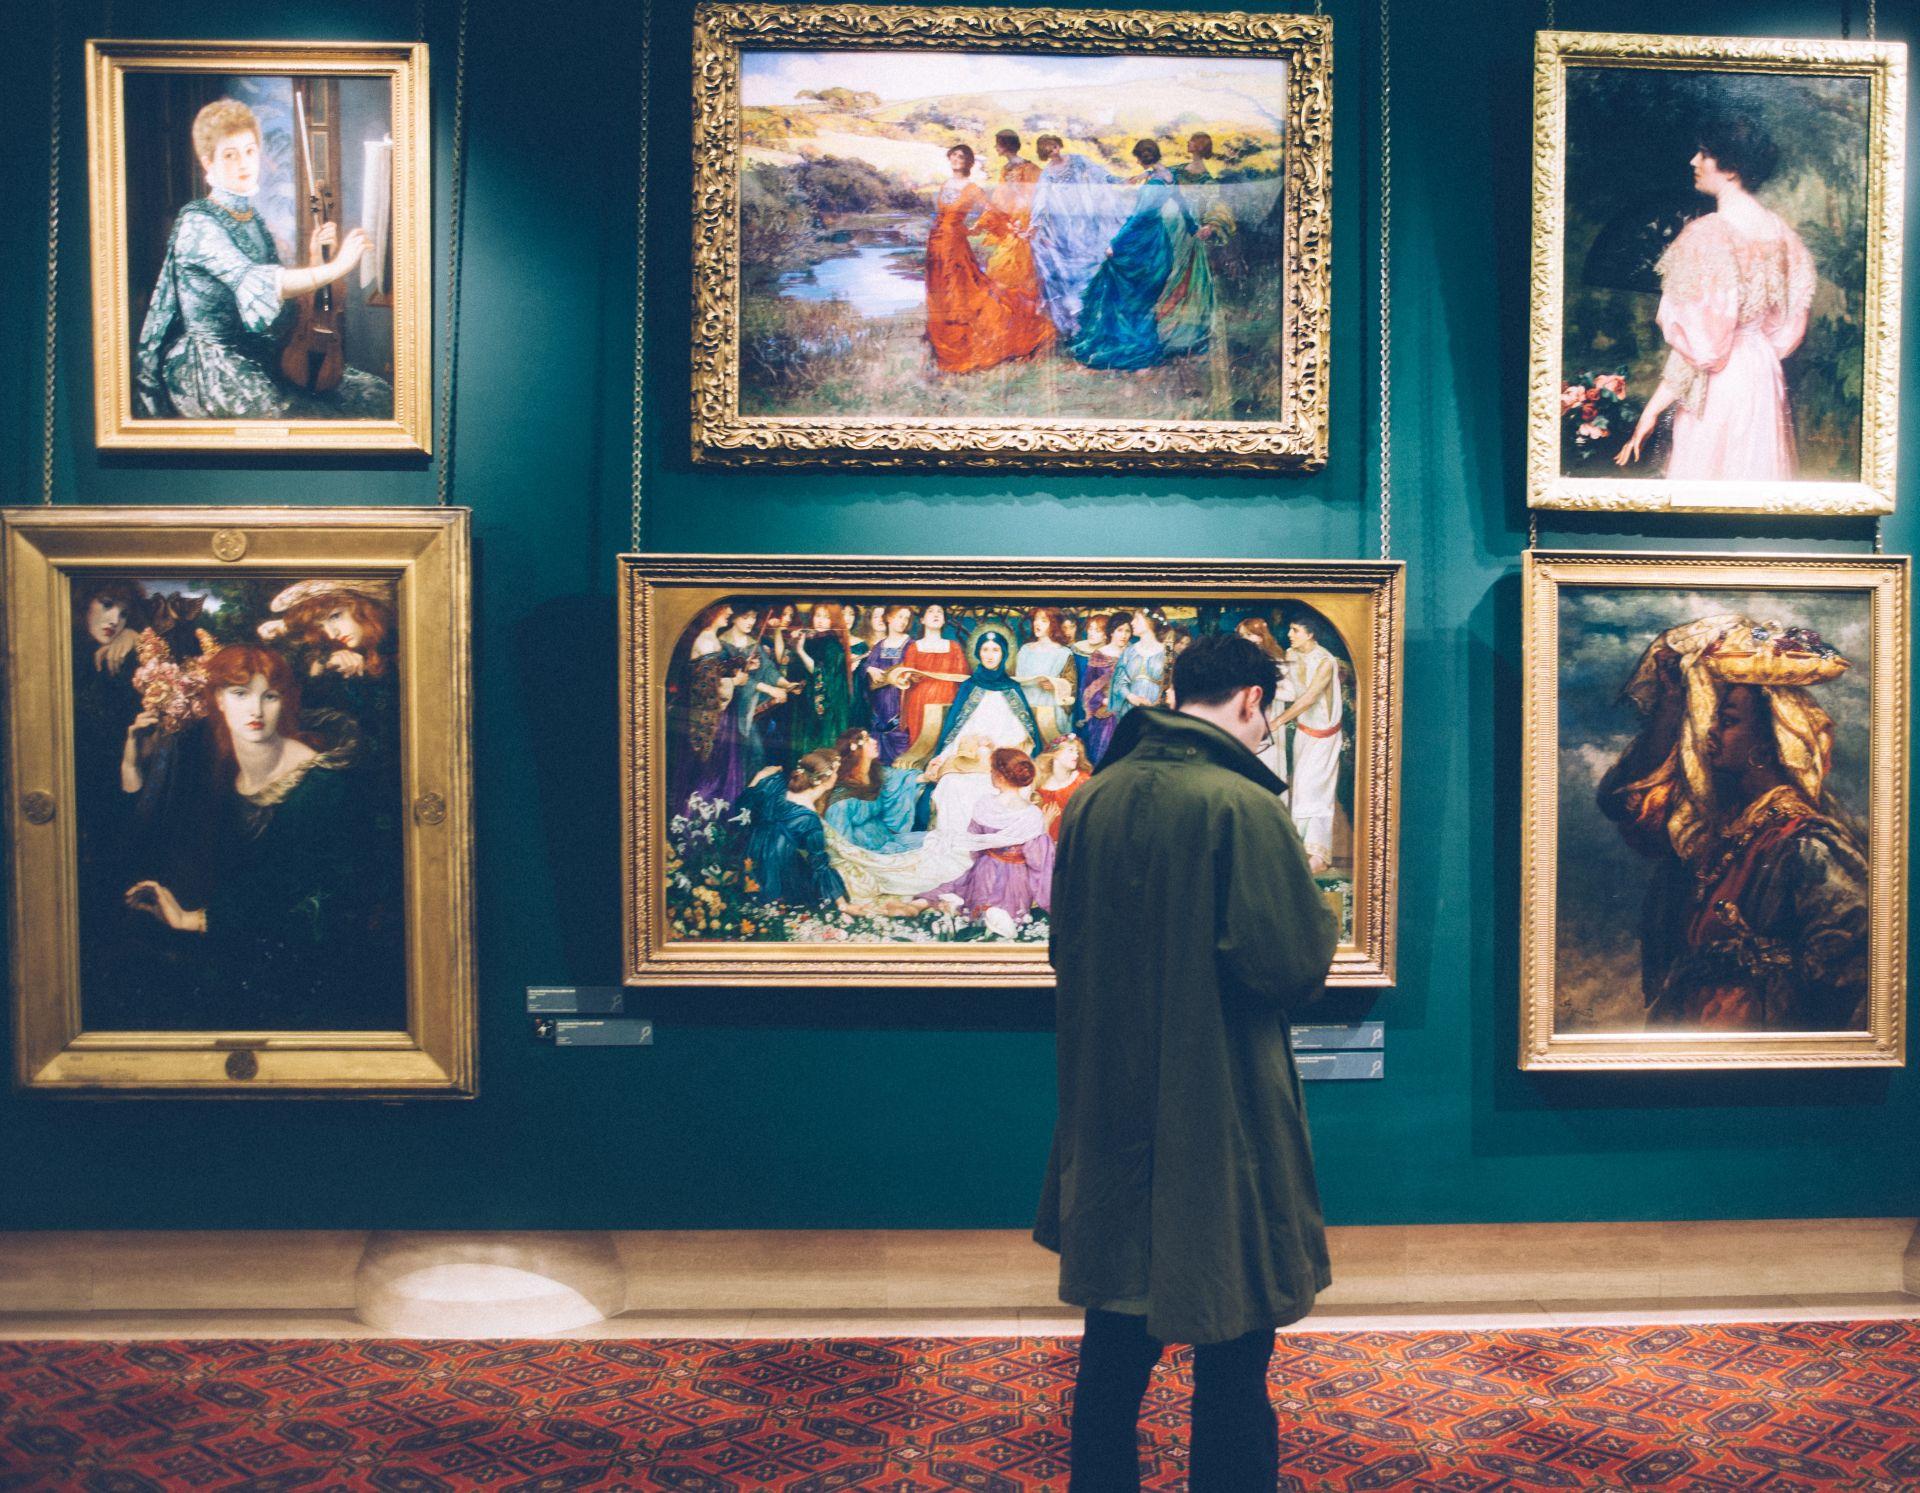 Darmowe obrazy, katalogi sztuki i ebooki udostępniane przez największe światowe muzea - www.naczytniku.pl